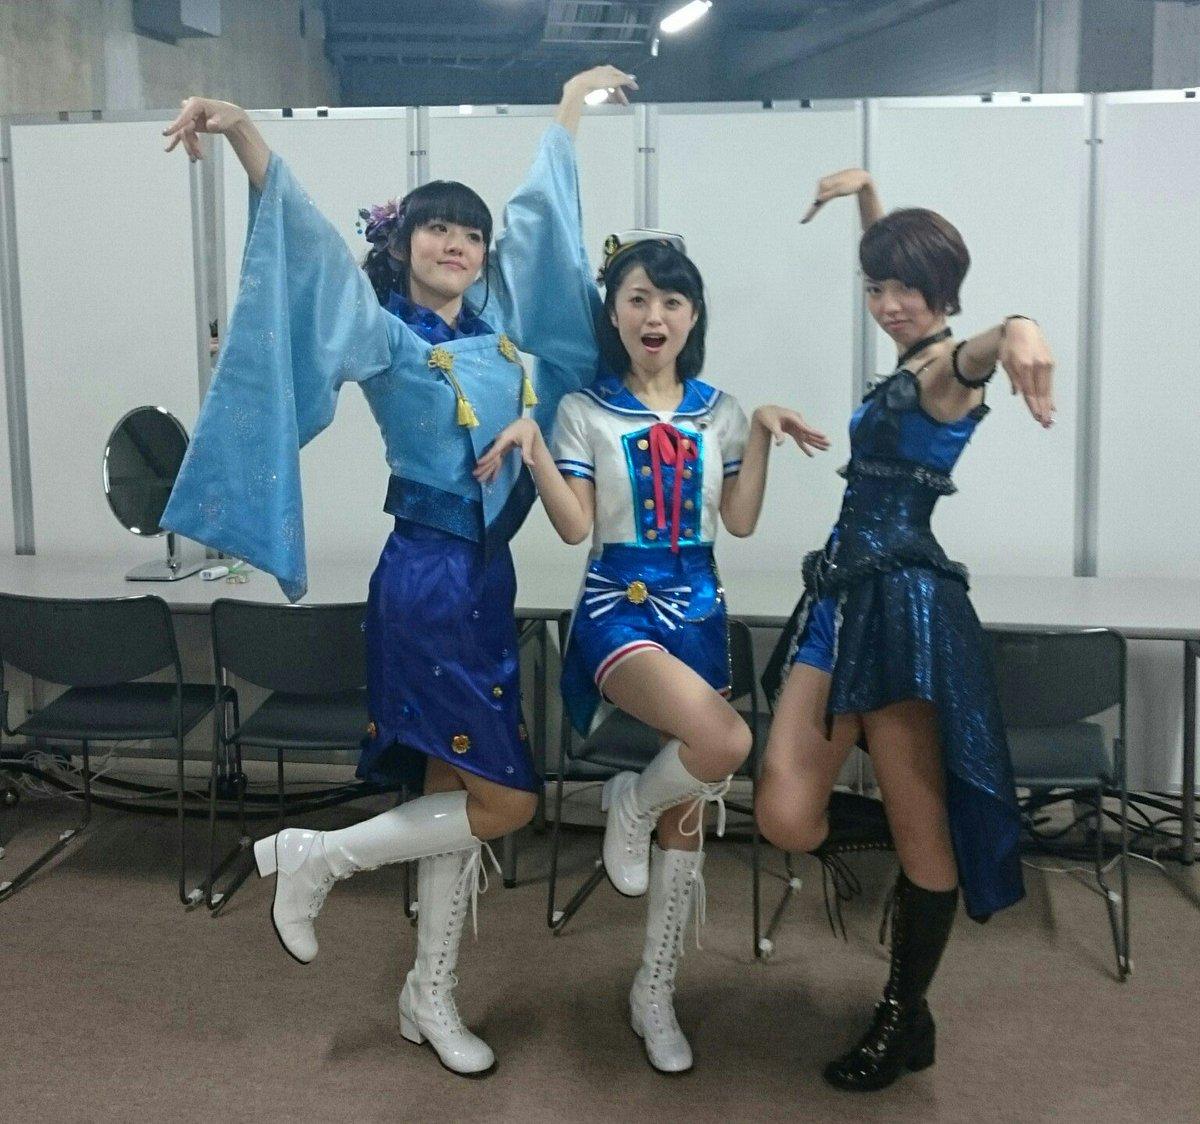 飯田さんのブログにあった麻夏さんと飯田さんの写真、あれ本番前裏で並んでる時に私の後ろでやっててすっごく緊張がほぐれたのよね(*´ω`*) うちの先輩最高です!